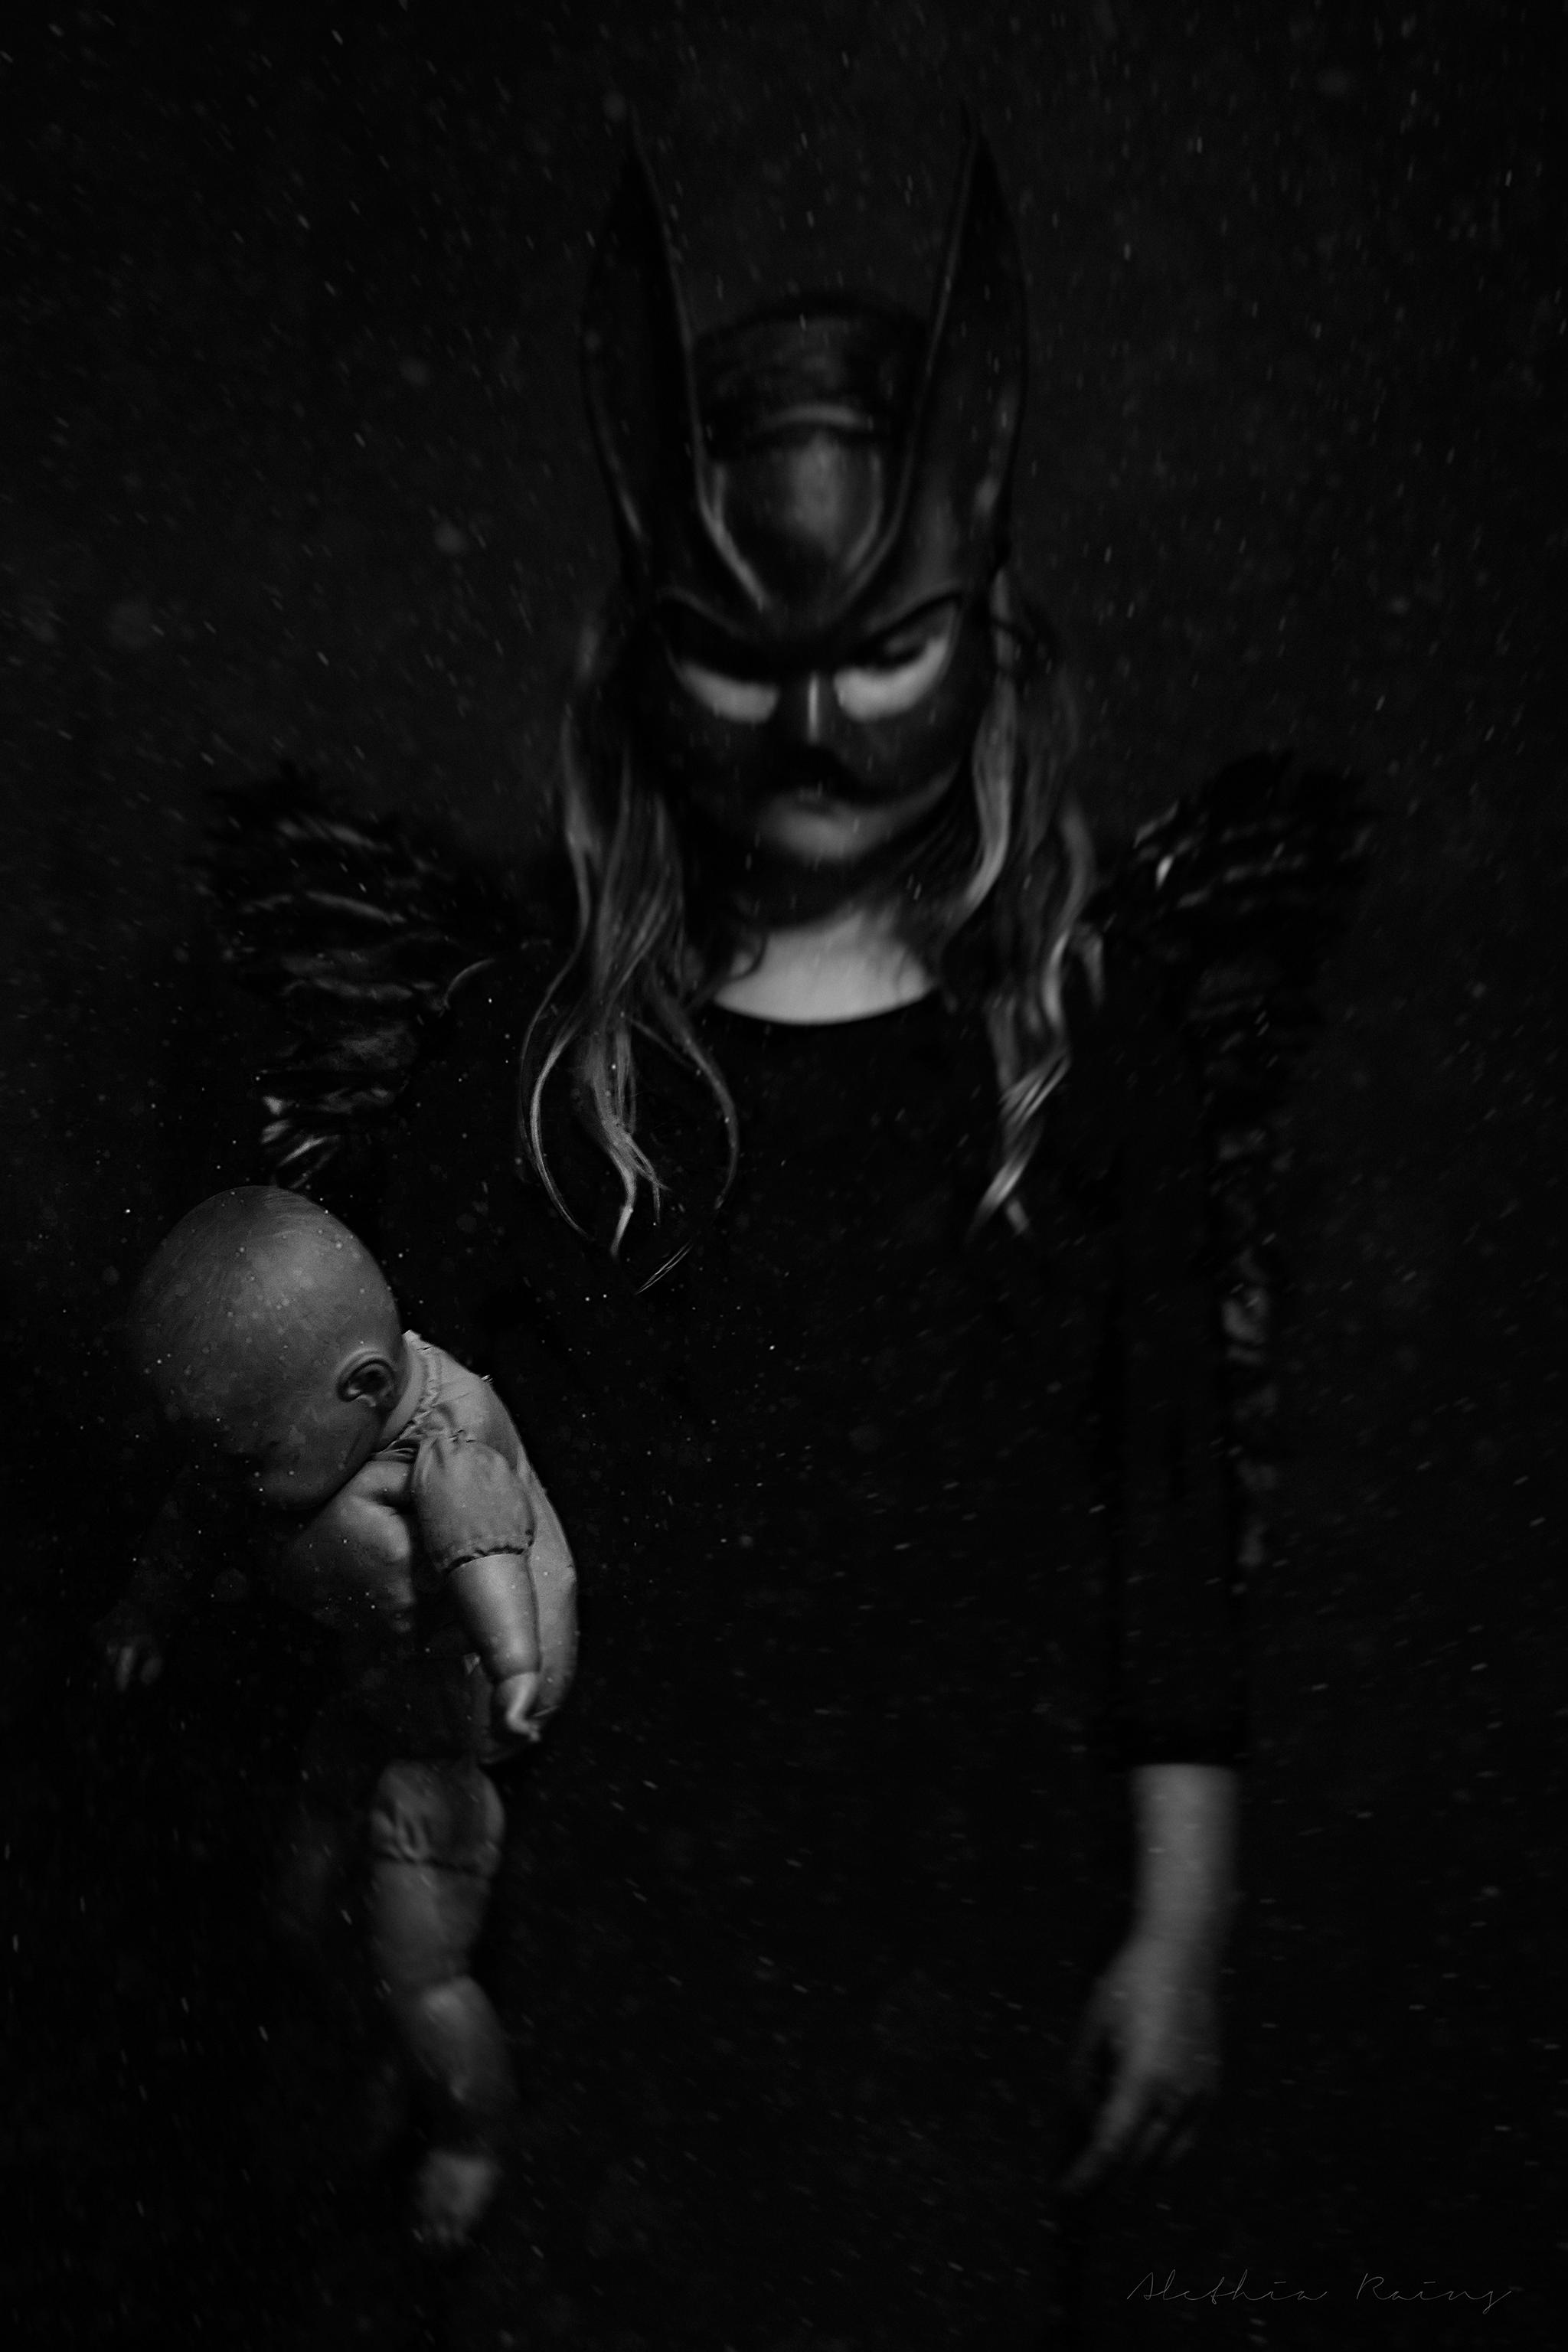 mask2adrwm